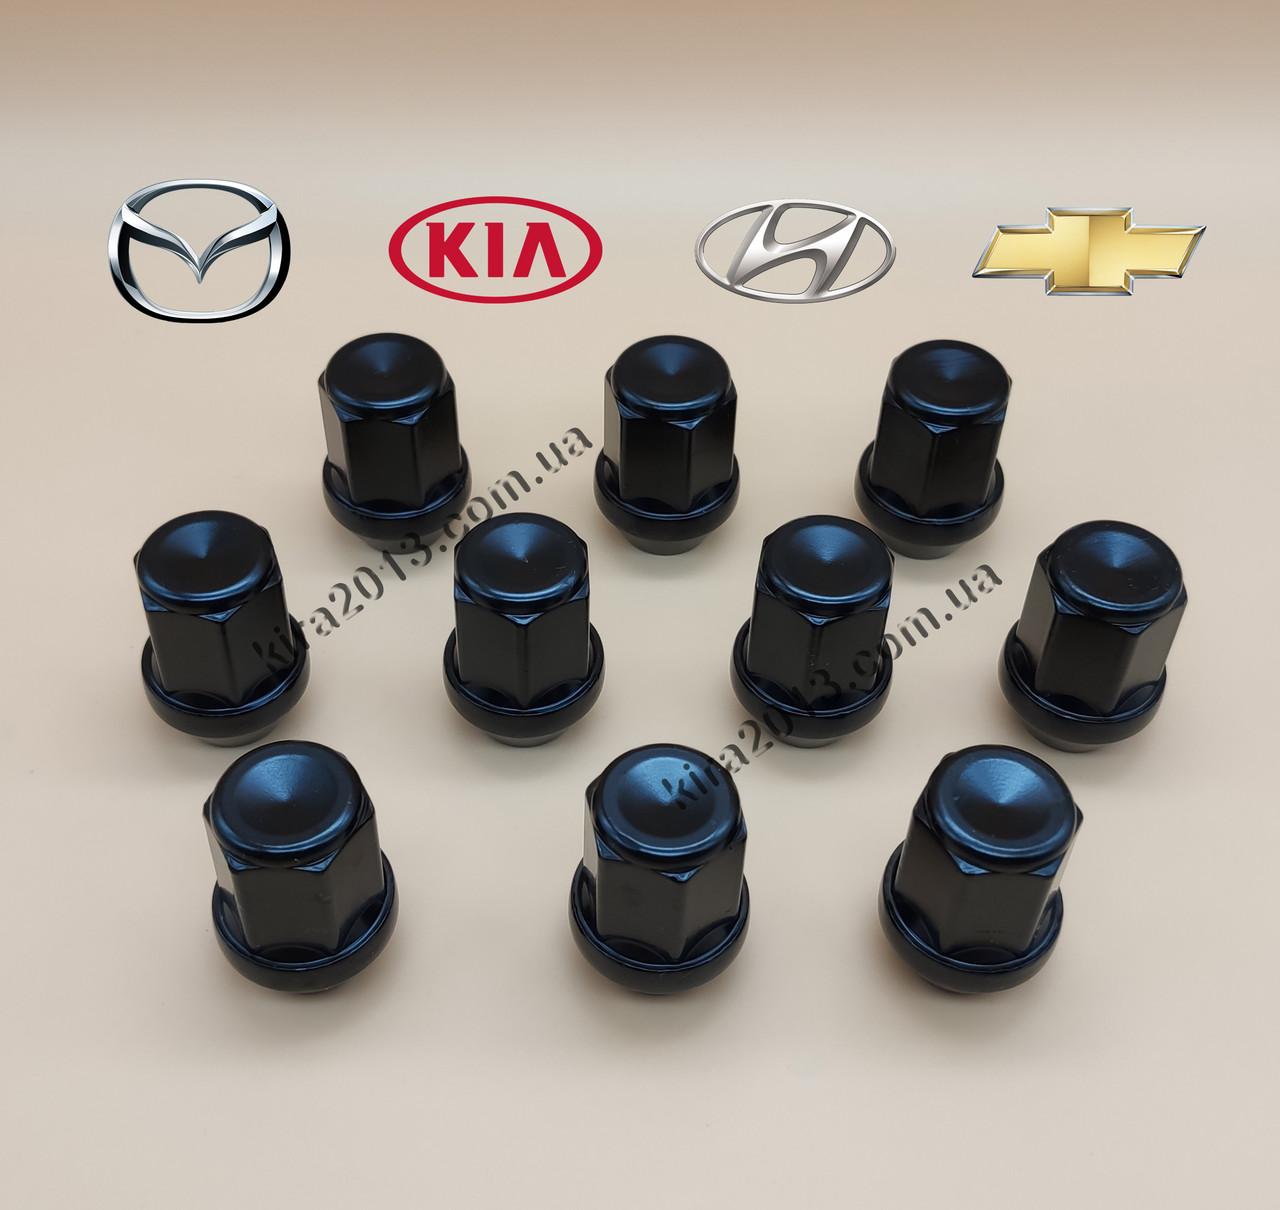 Черные гайки М12х1,5 под ключ 19мм, высота 34мм для литых дисков Mazda, Kia, Hyundai, Chevrolet, Toyota